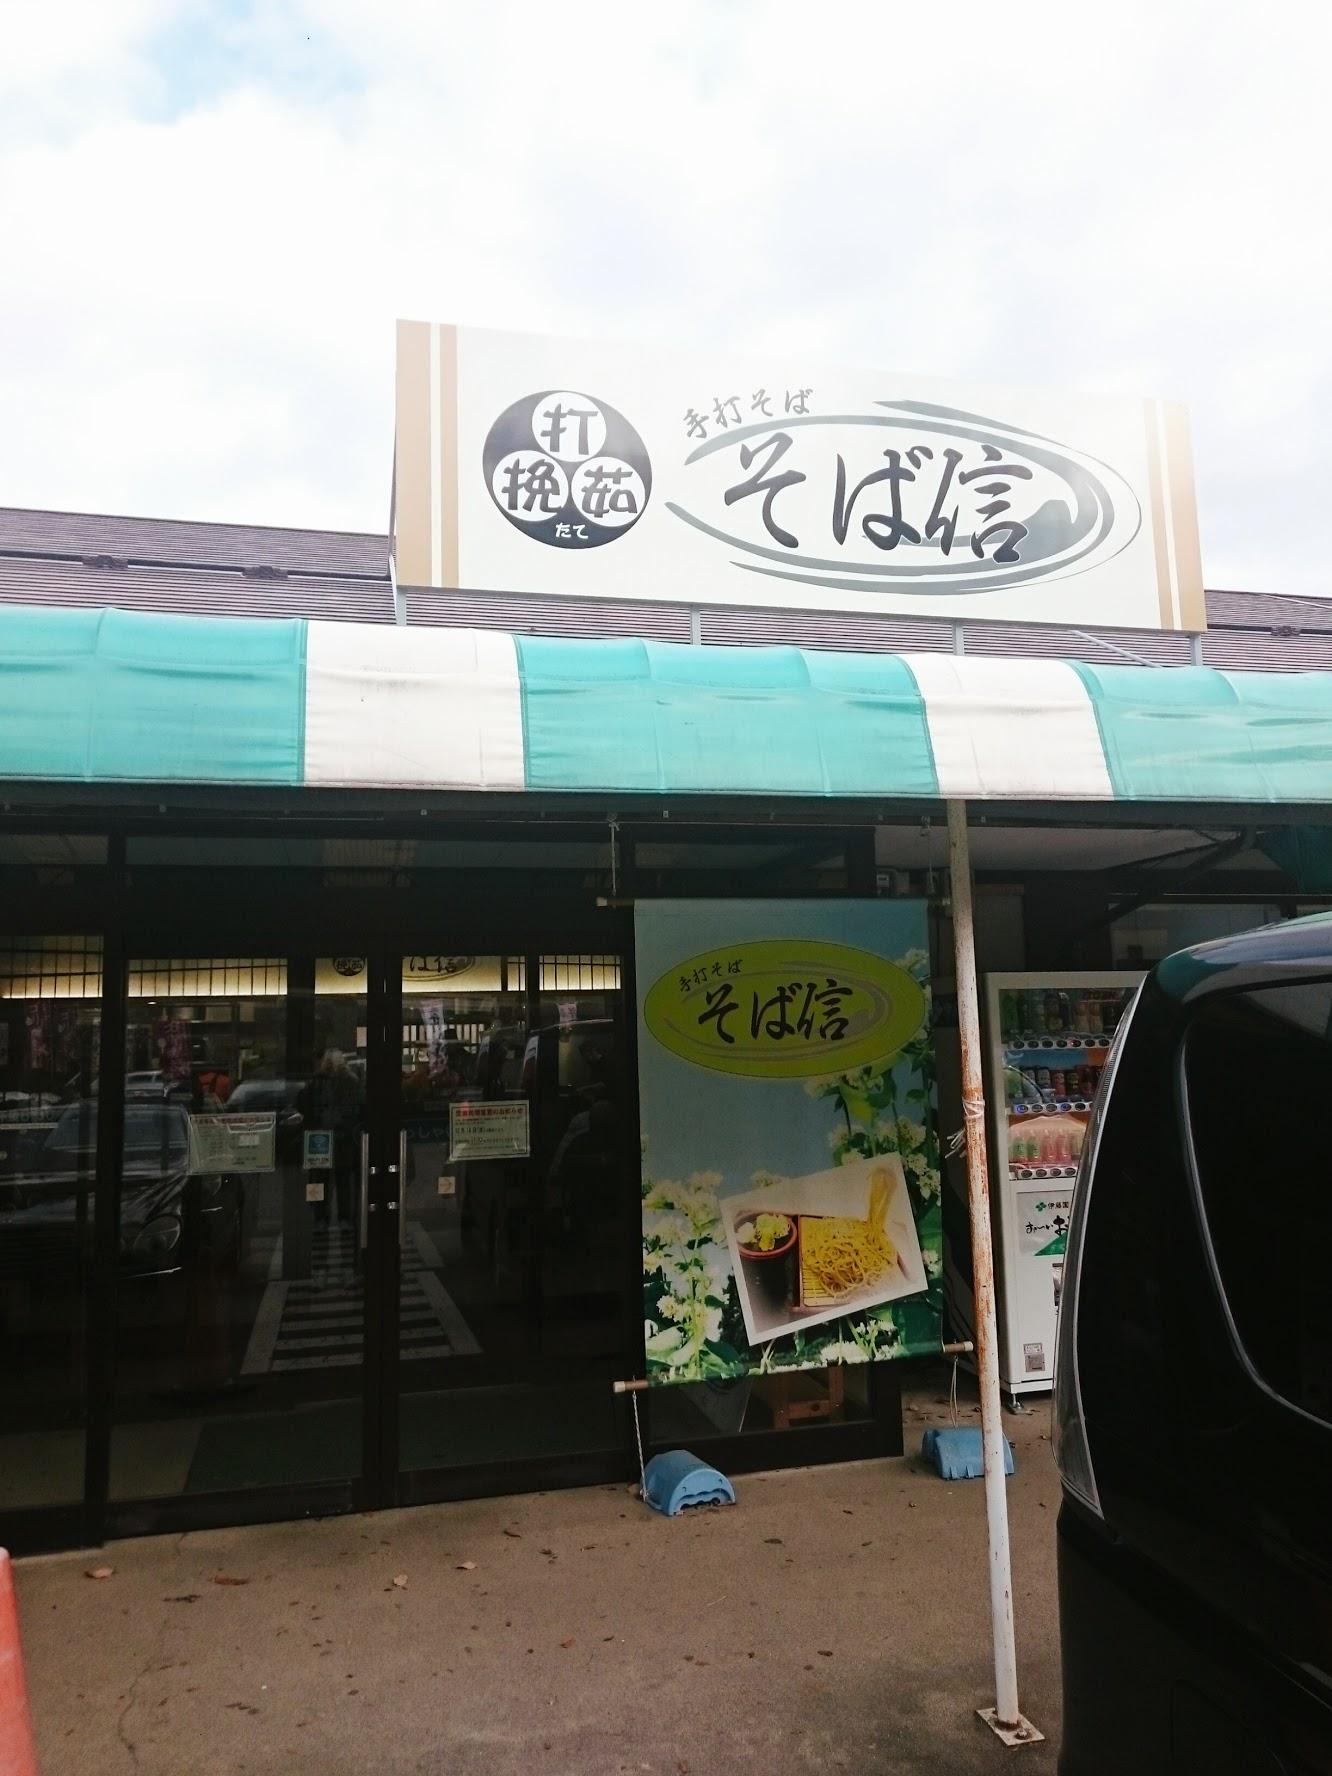 信州新町道の駅そば信さんの看板